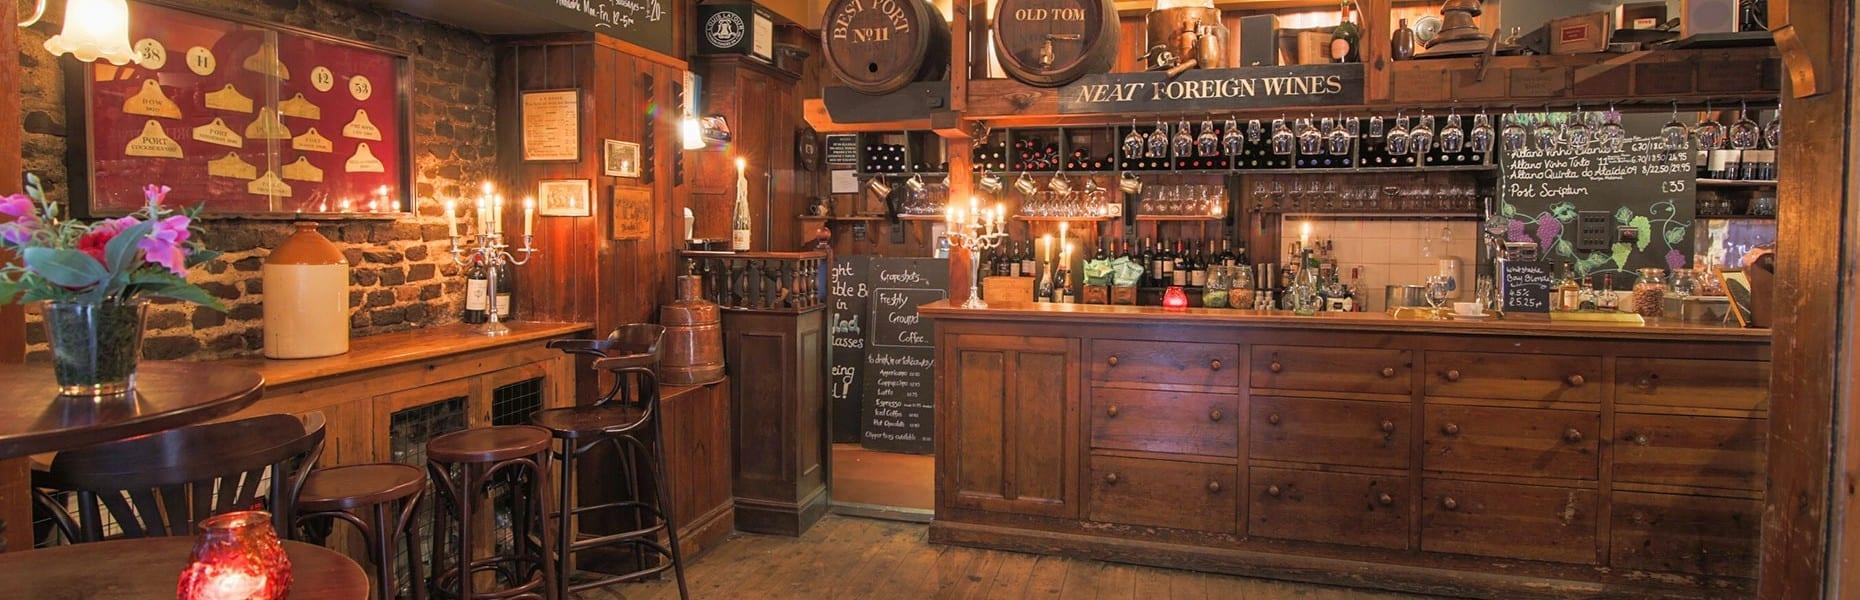 Grapeshots bar area